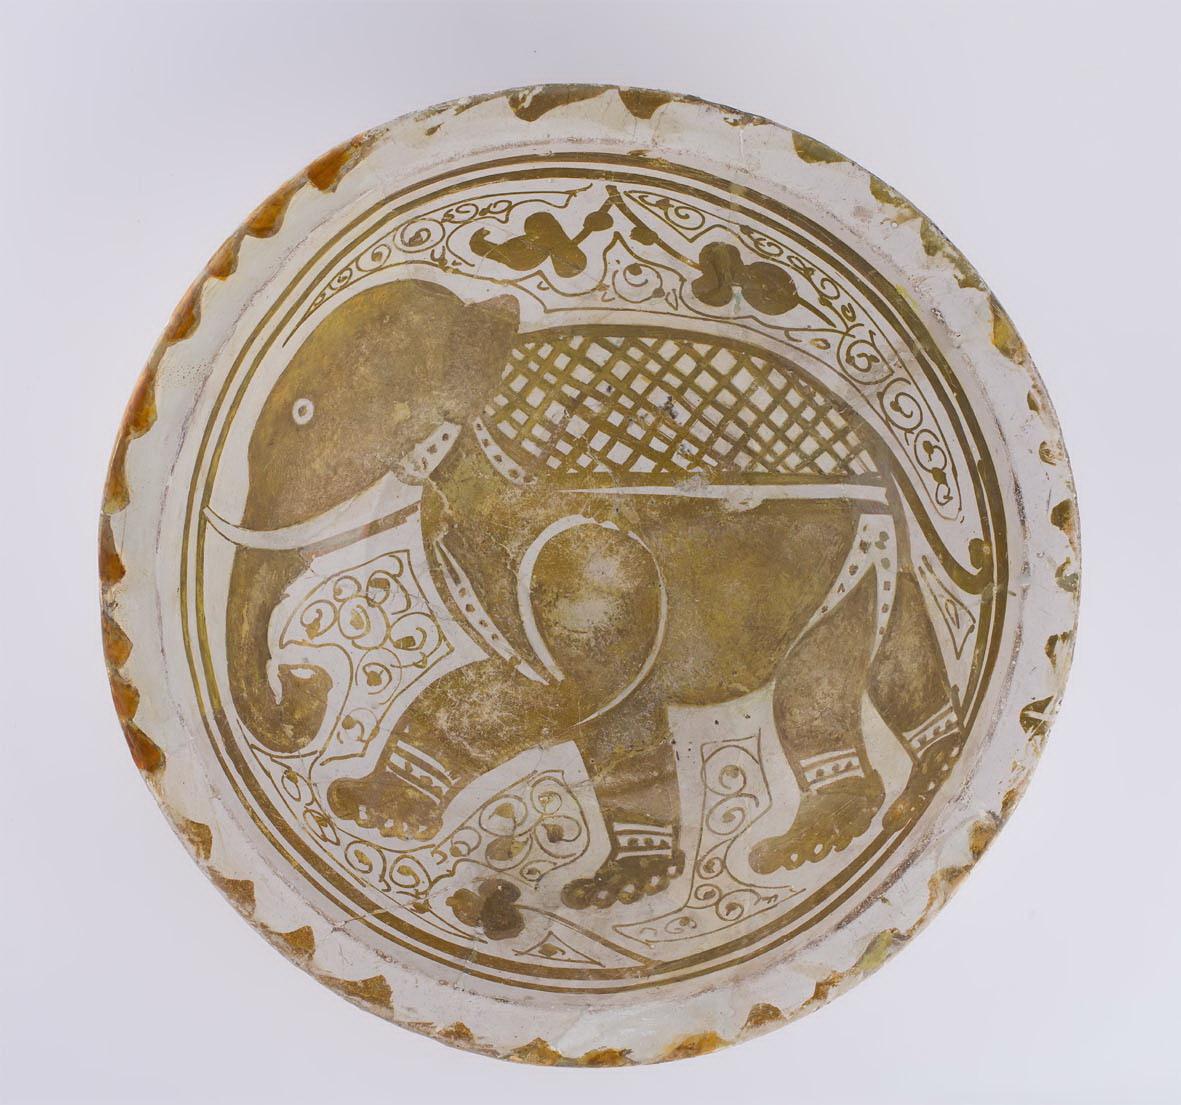 REFLEJOS DE EGIPTO. La Colección de cerámica fatimí del Museo de la Alhambra